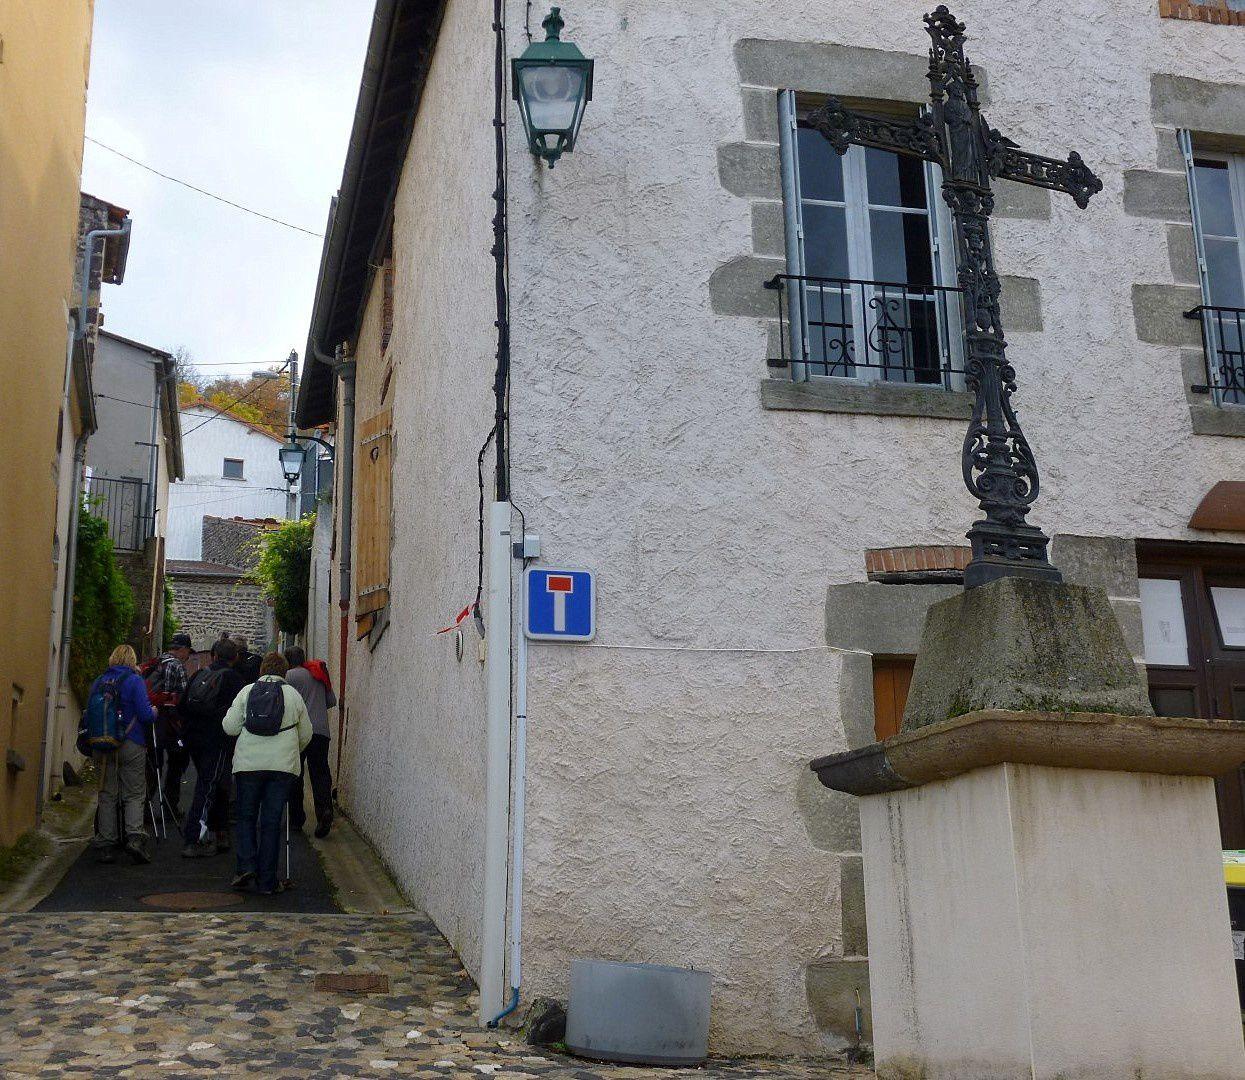 Nous traversons Soulasse, son église et le géant sur son clocher.